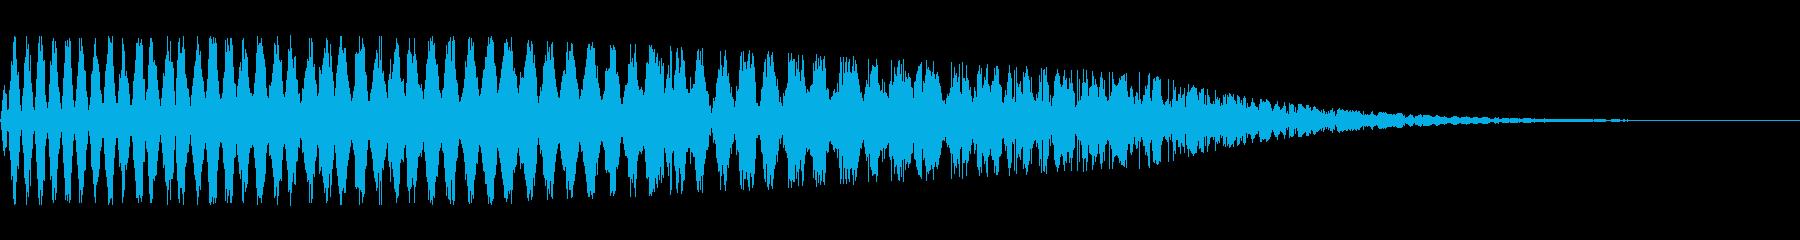 SynthSweep EC06_63_2の再生済みの波形